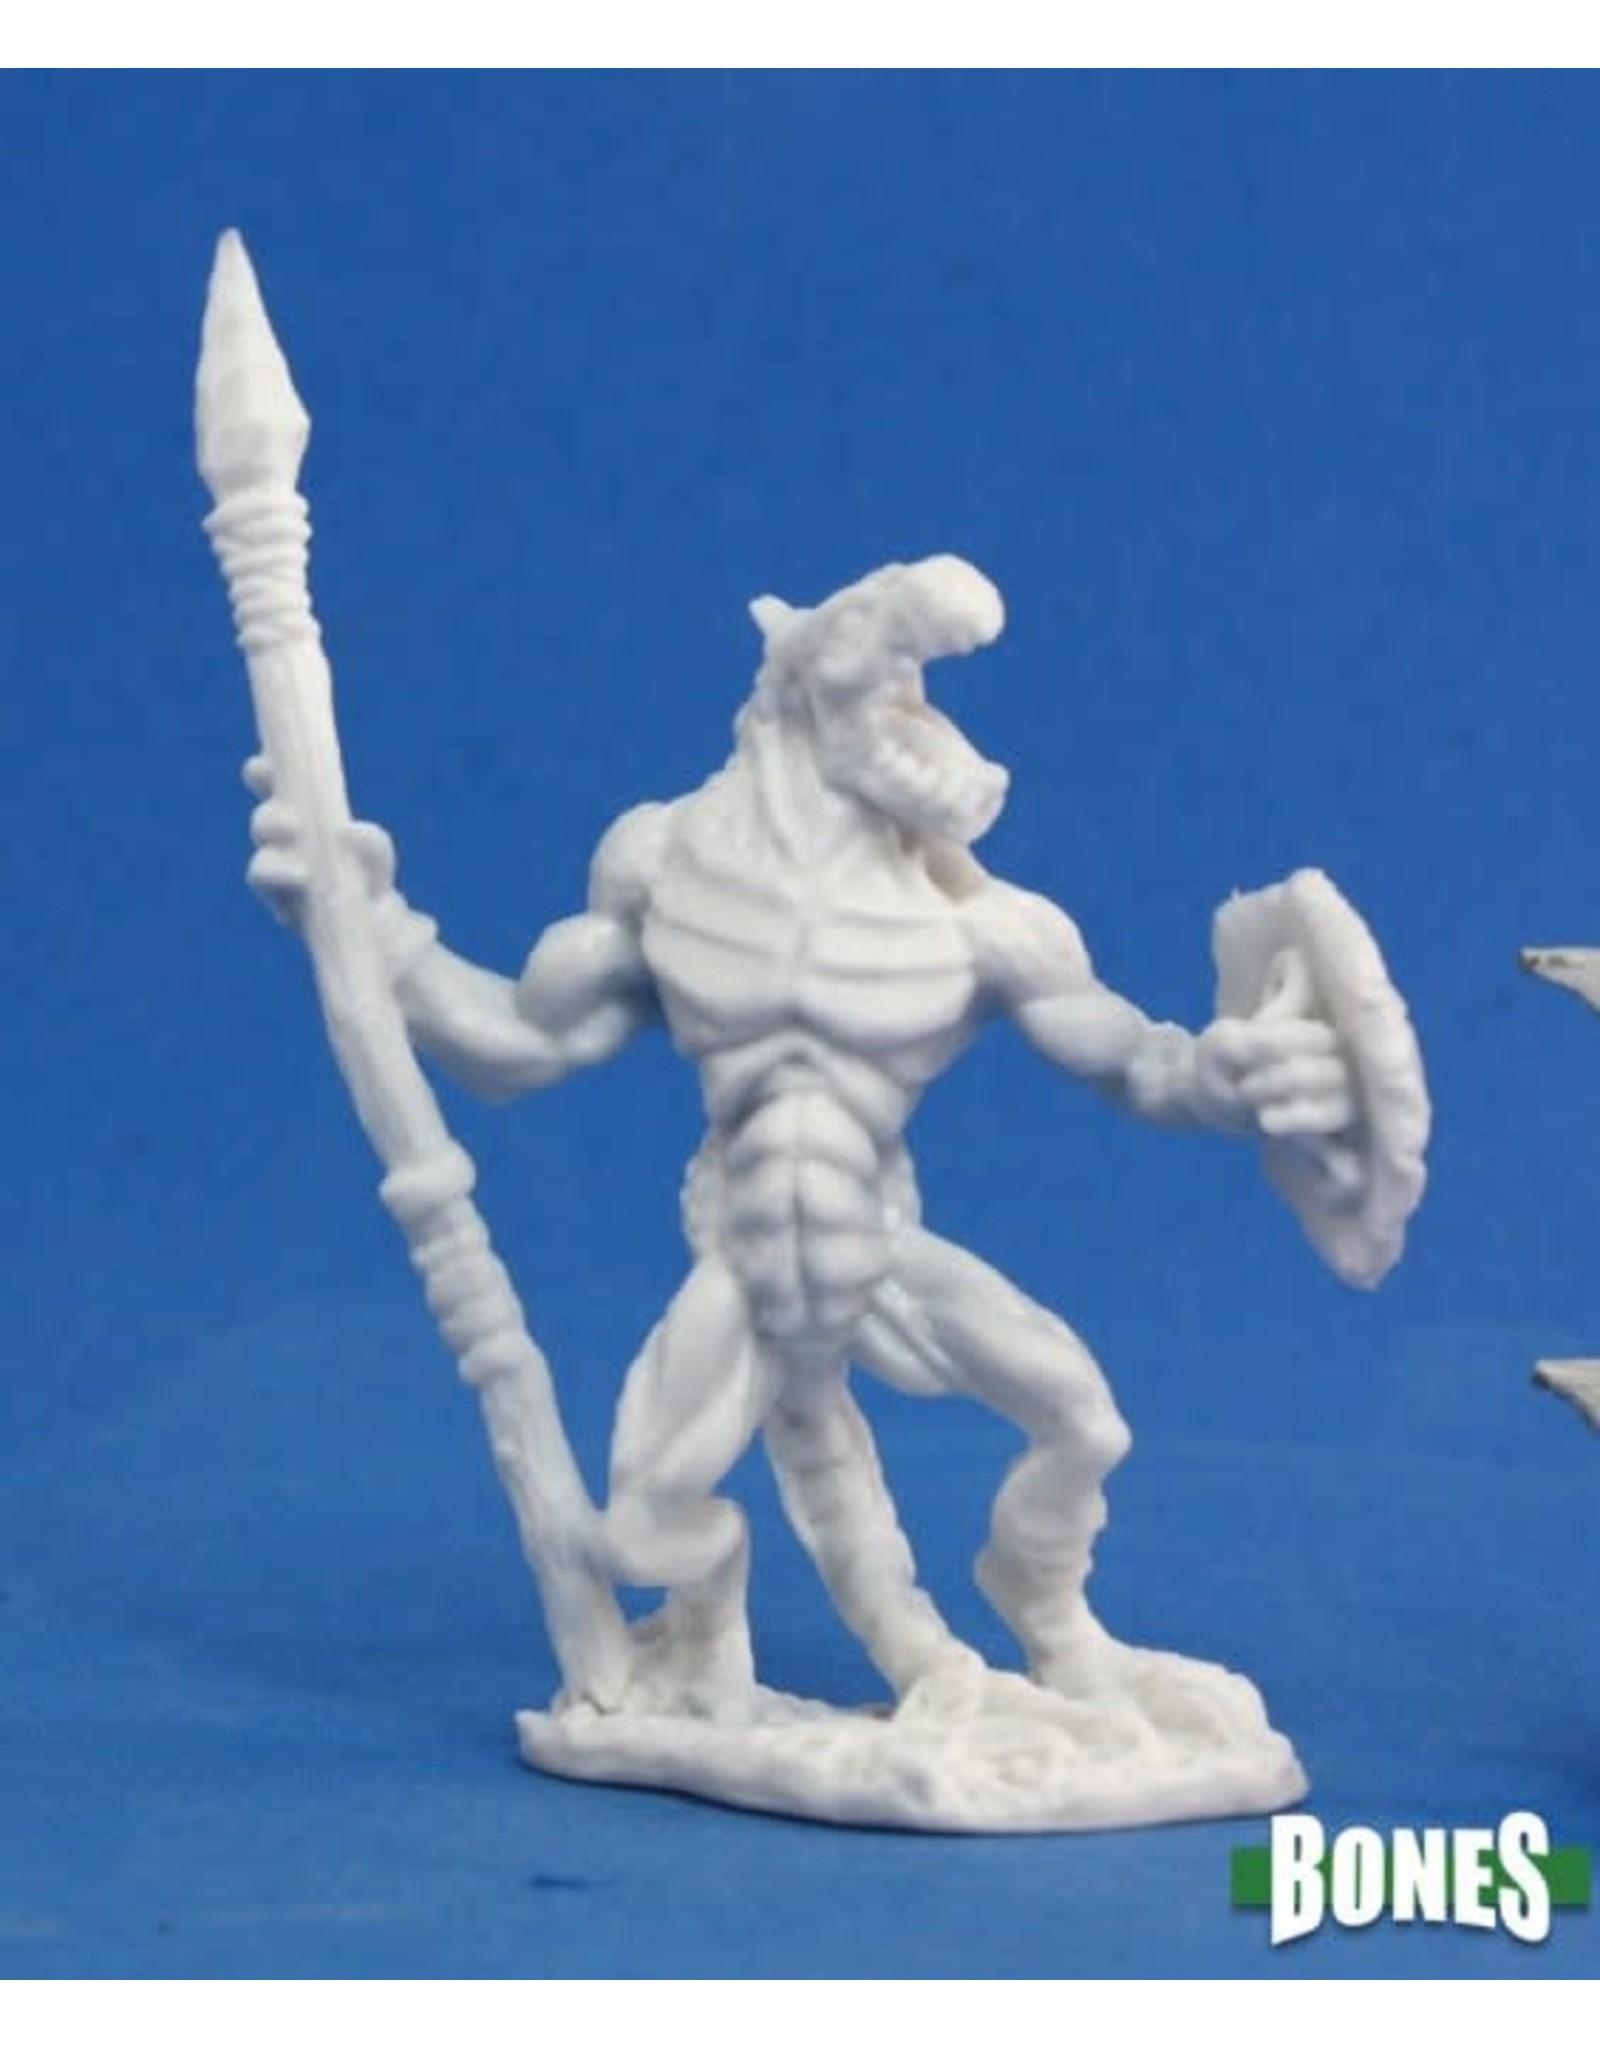 Reaper Miniatures Bones: Lizardman Soldier